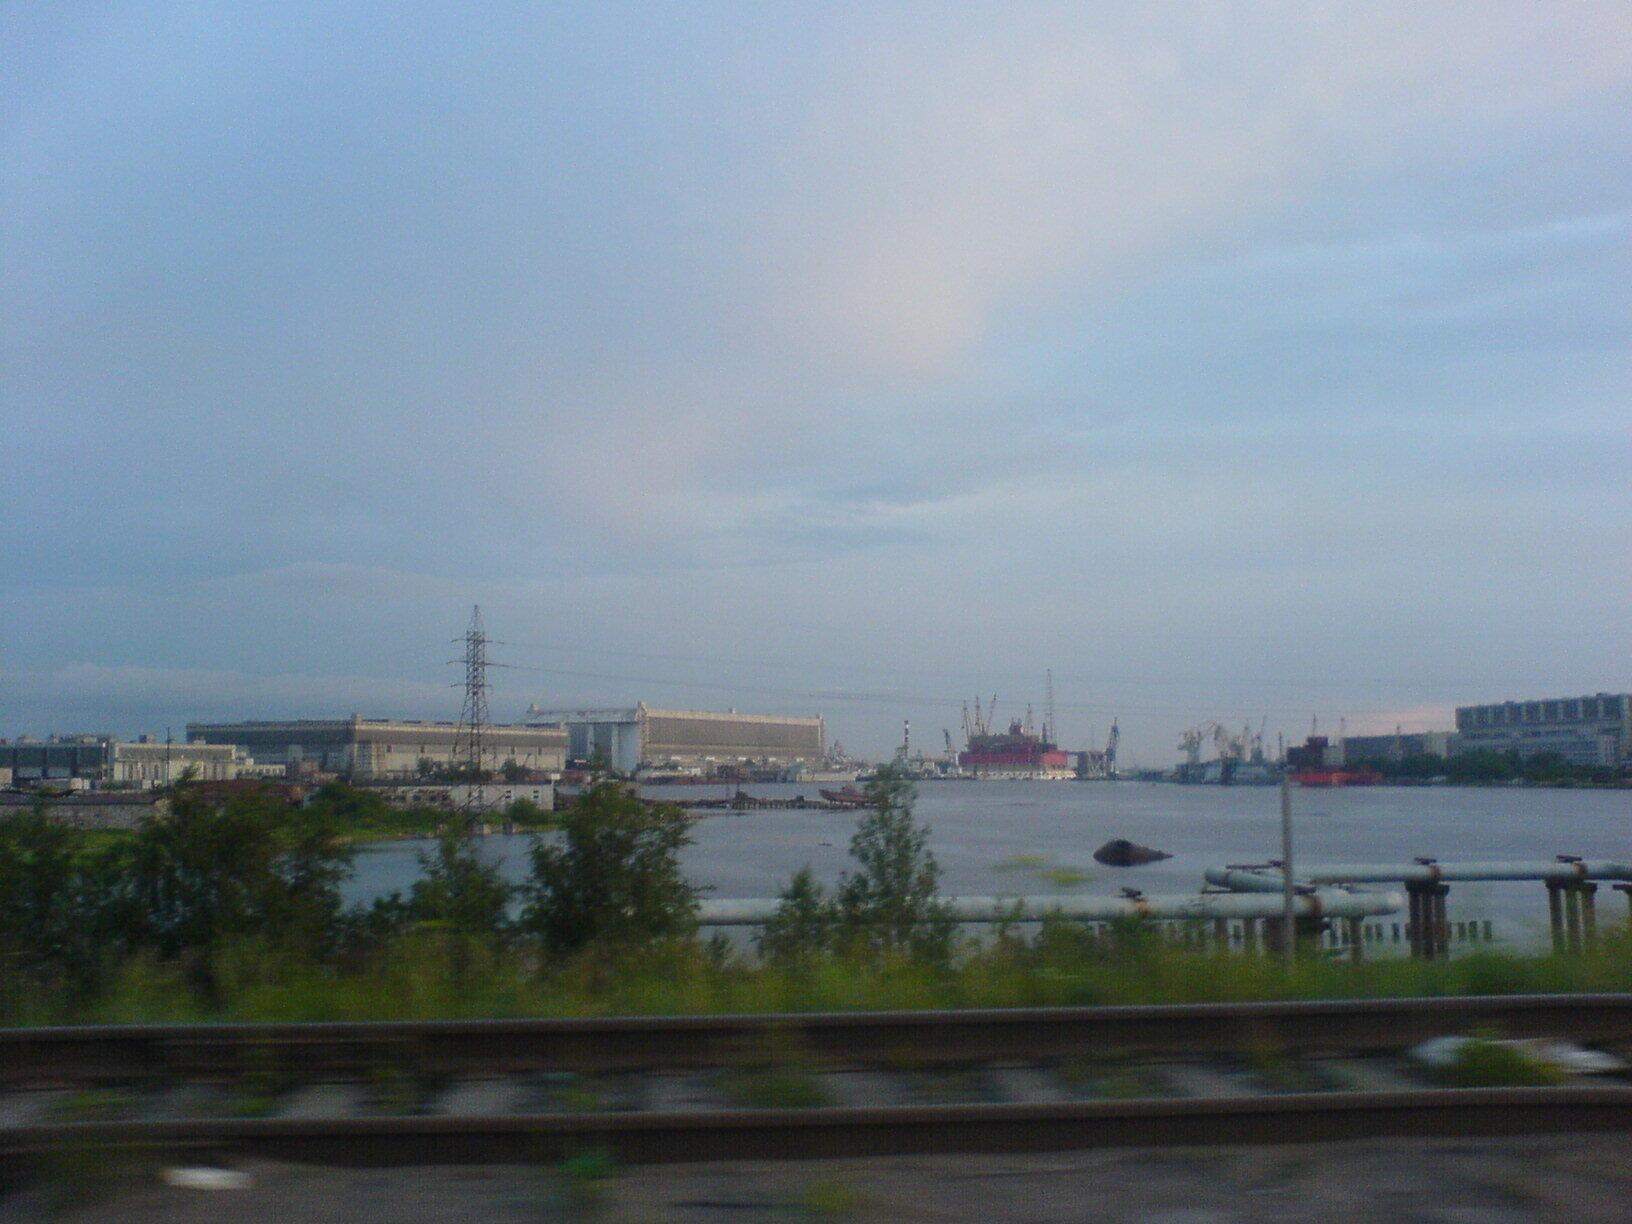 Imagem de 2007 mostra complexo naval de SevMach, em Severodvinsk, onde submarinos a propulsão nuclear são construídos.